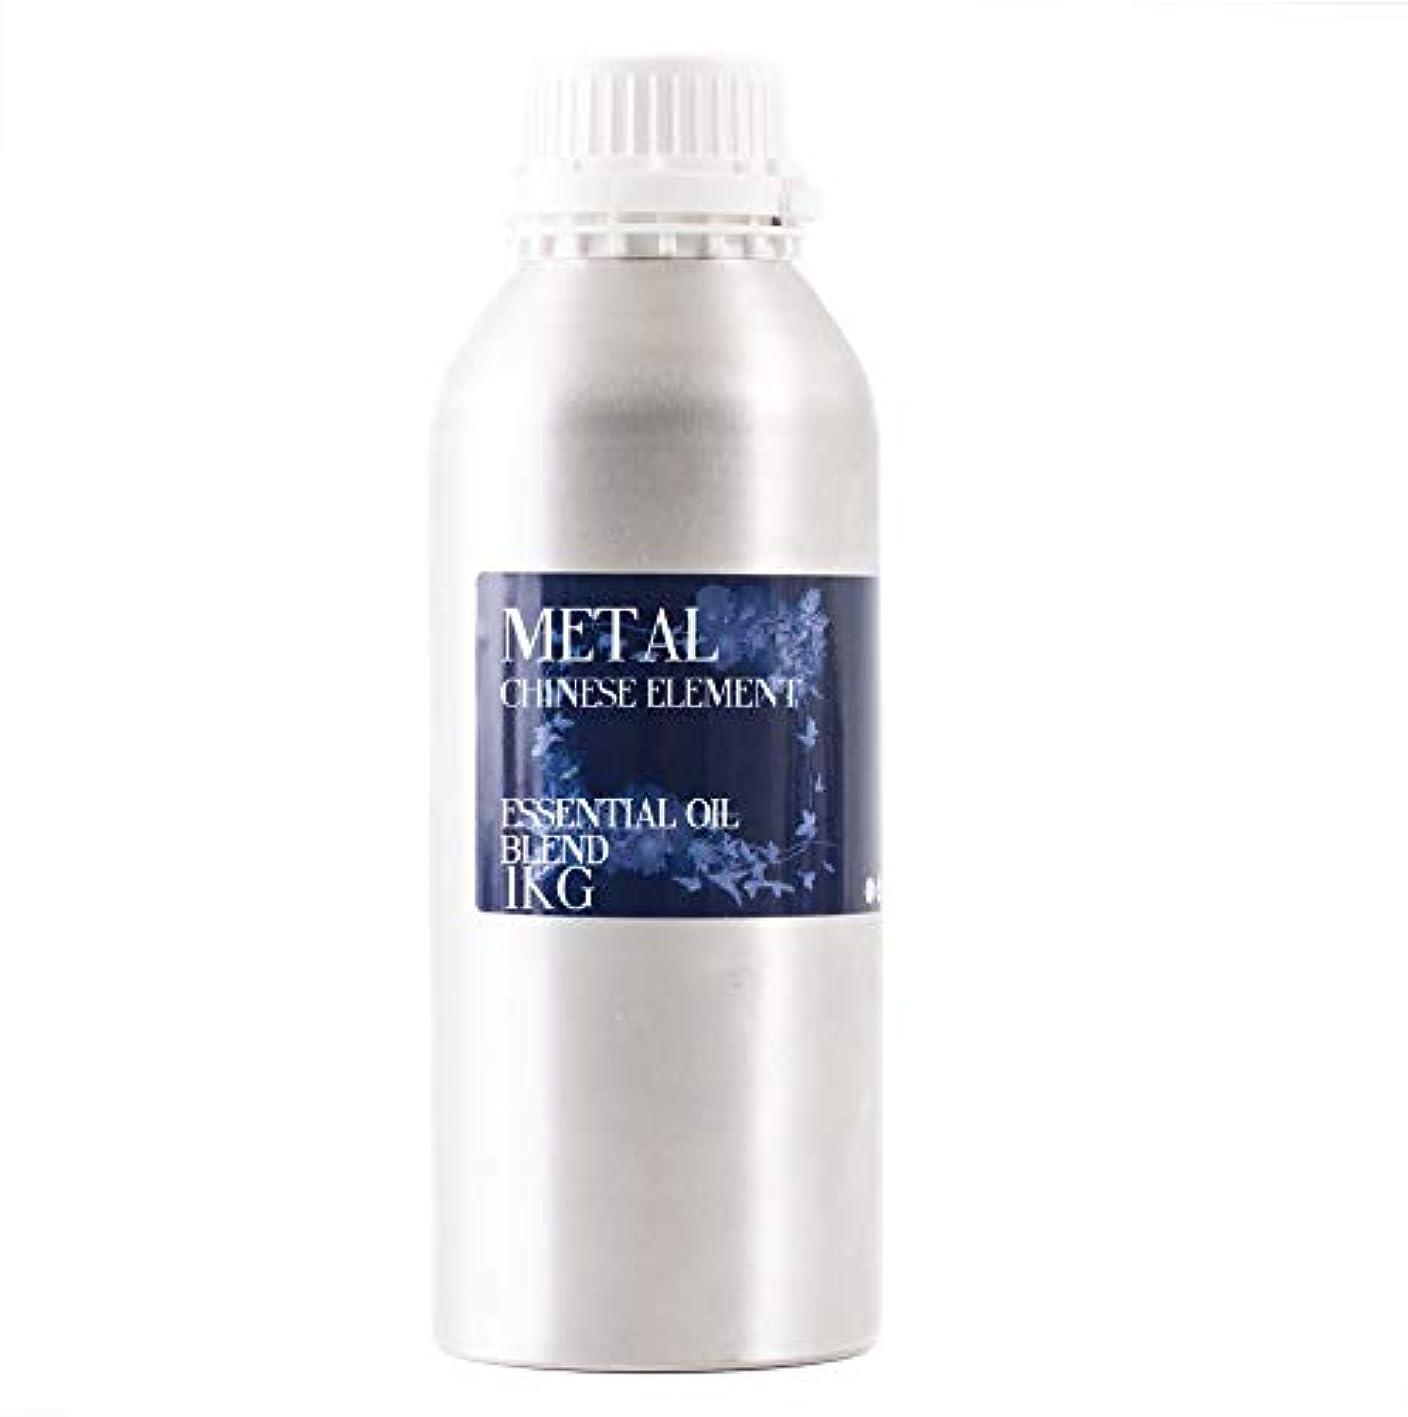 たとえ摂動税金Mystix London | Chinese Metal Element Essential Oil Blend - 1Kg